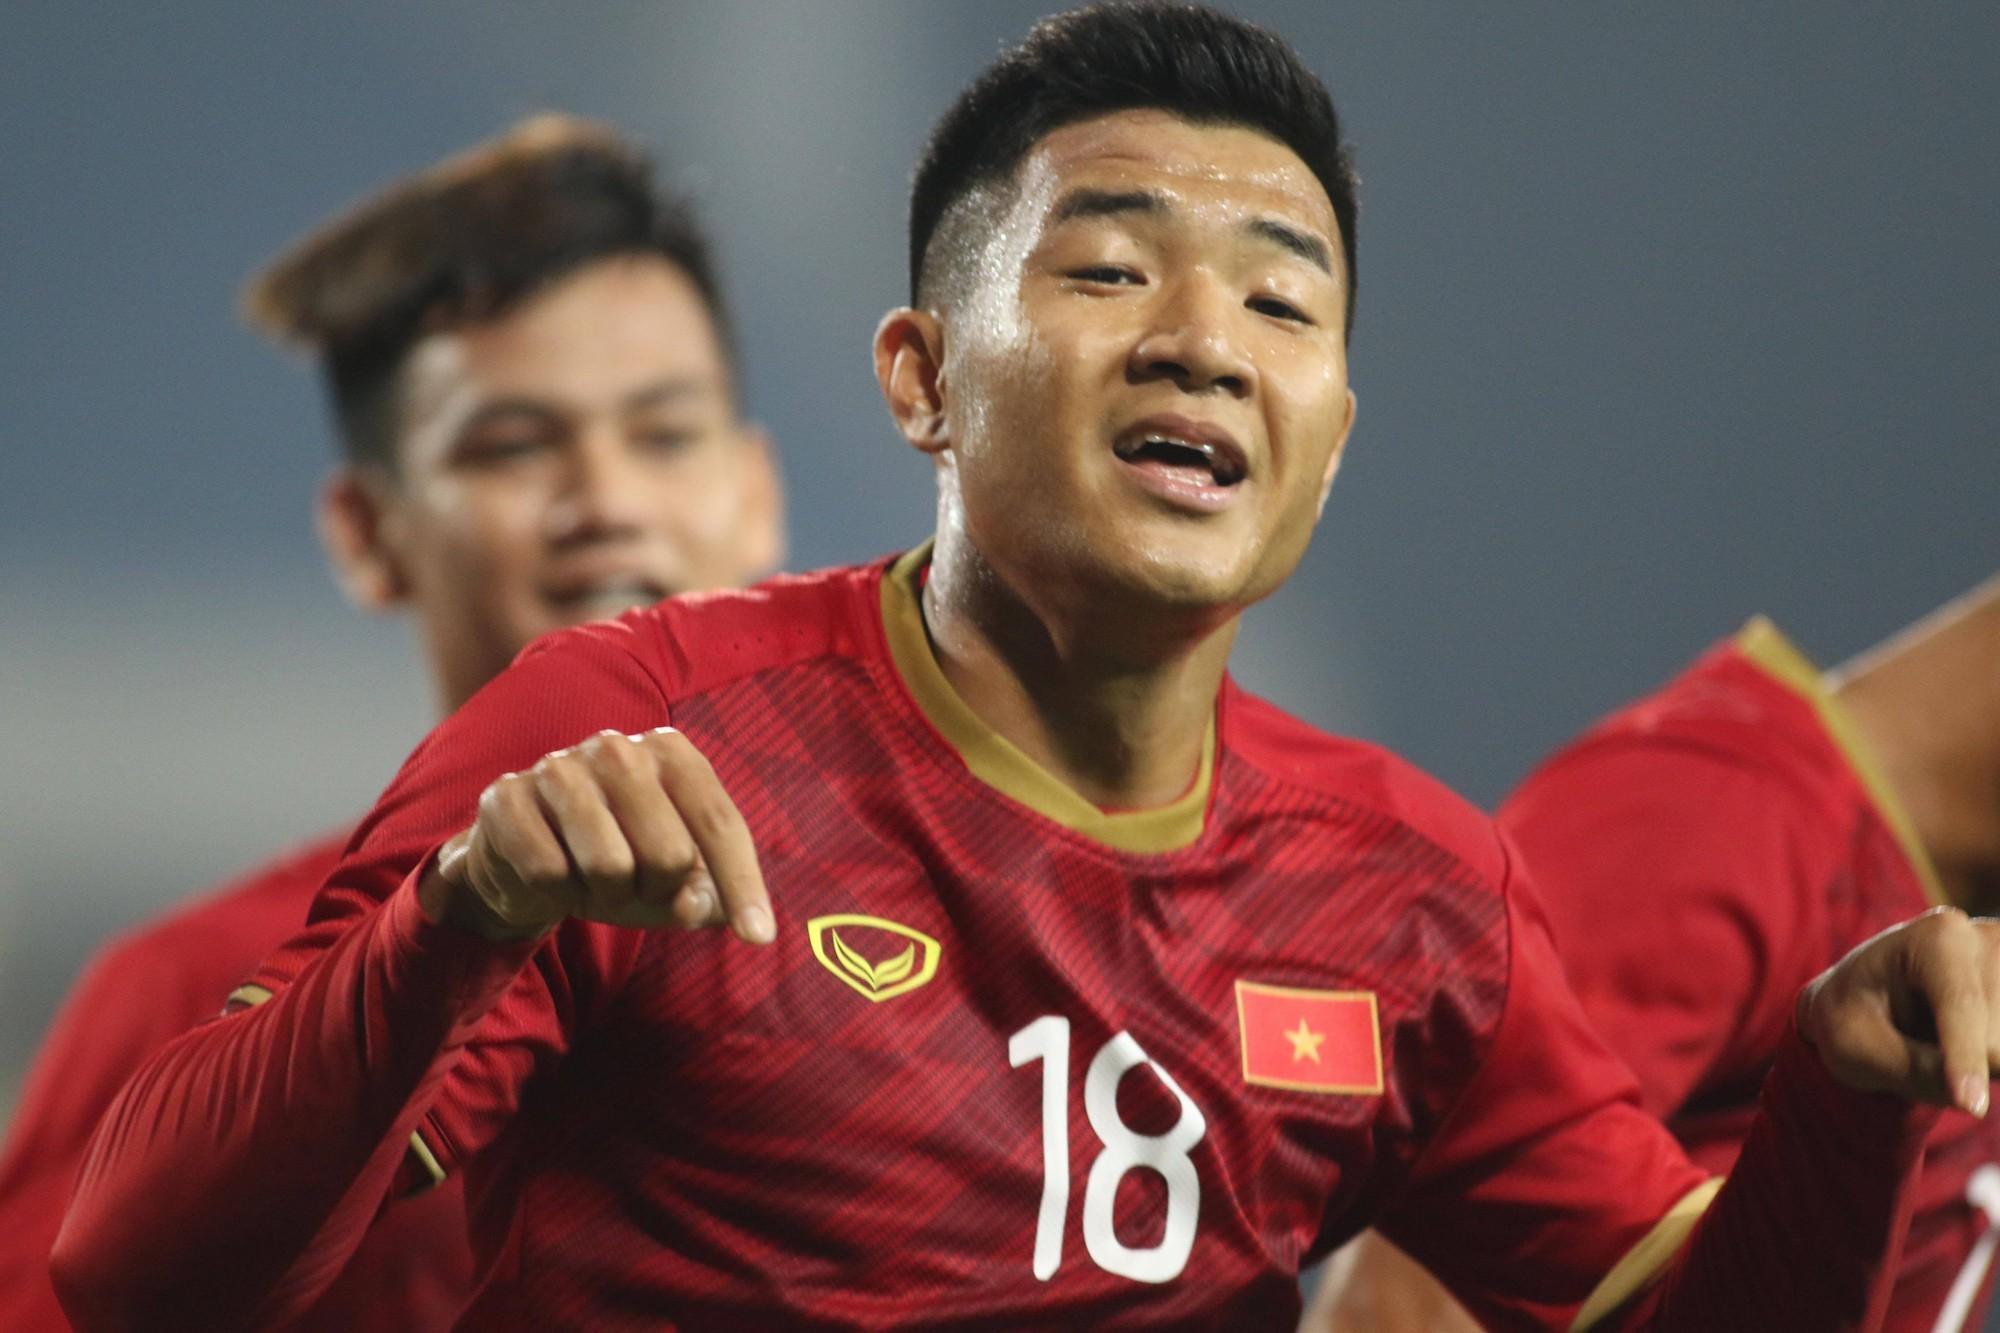 Trực tiếp bóng đá Sea Games: 4 cầu thủ nam xuất sắc nhất của Việt Nam